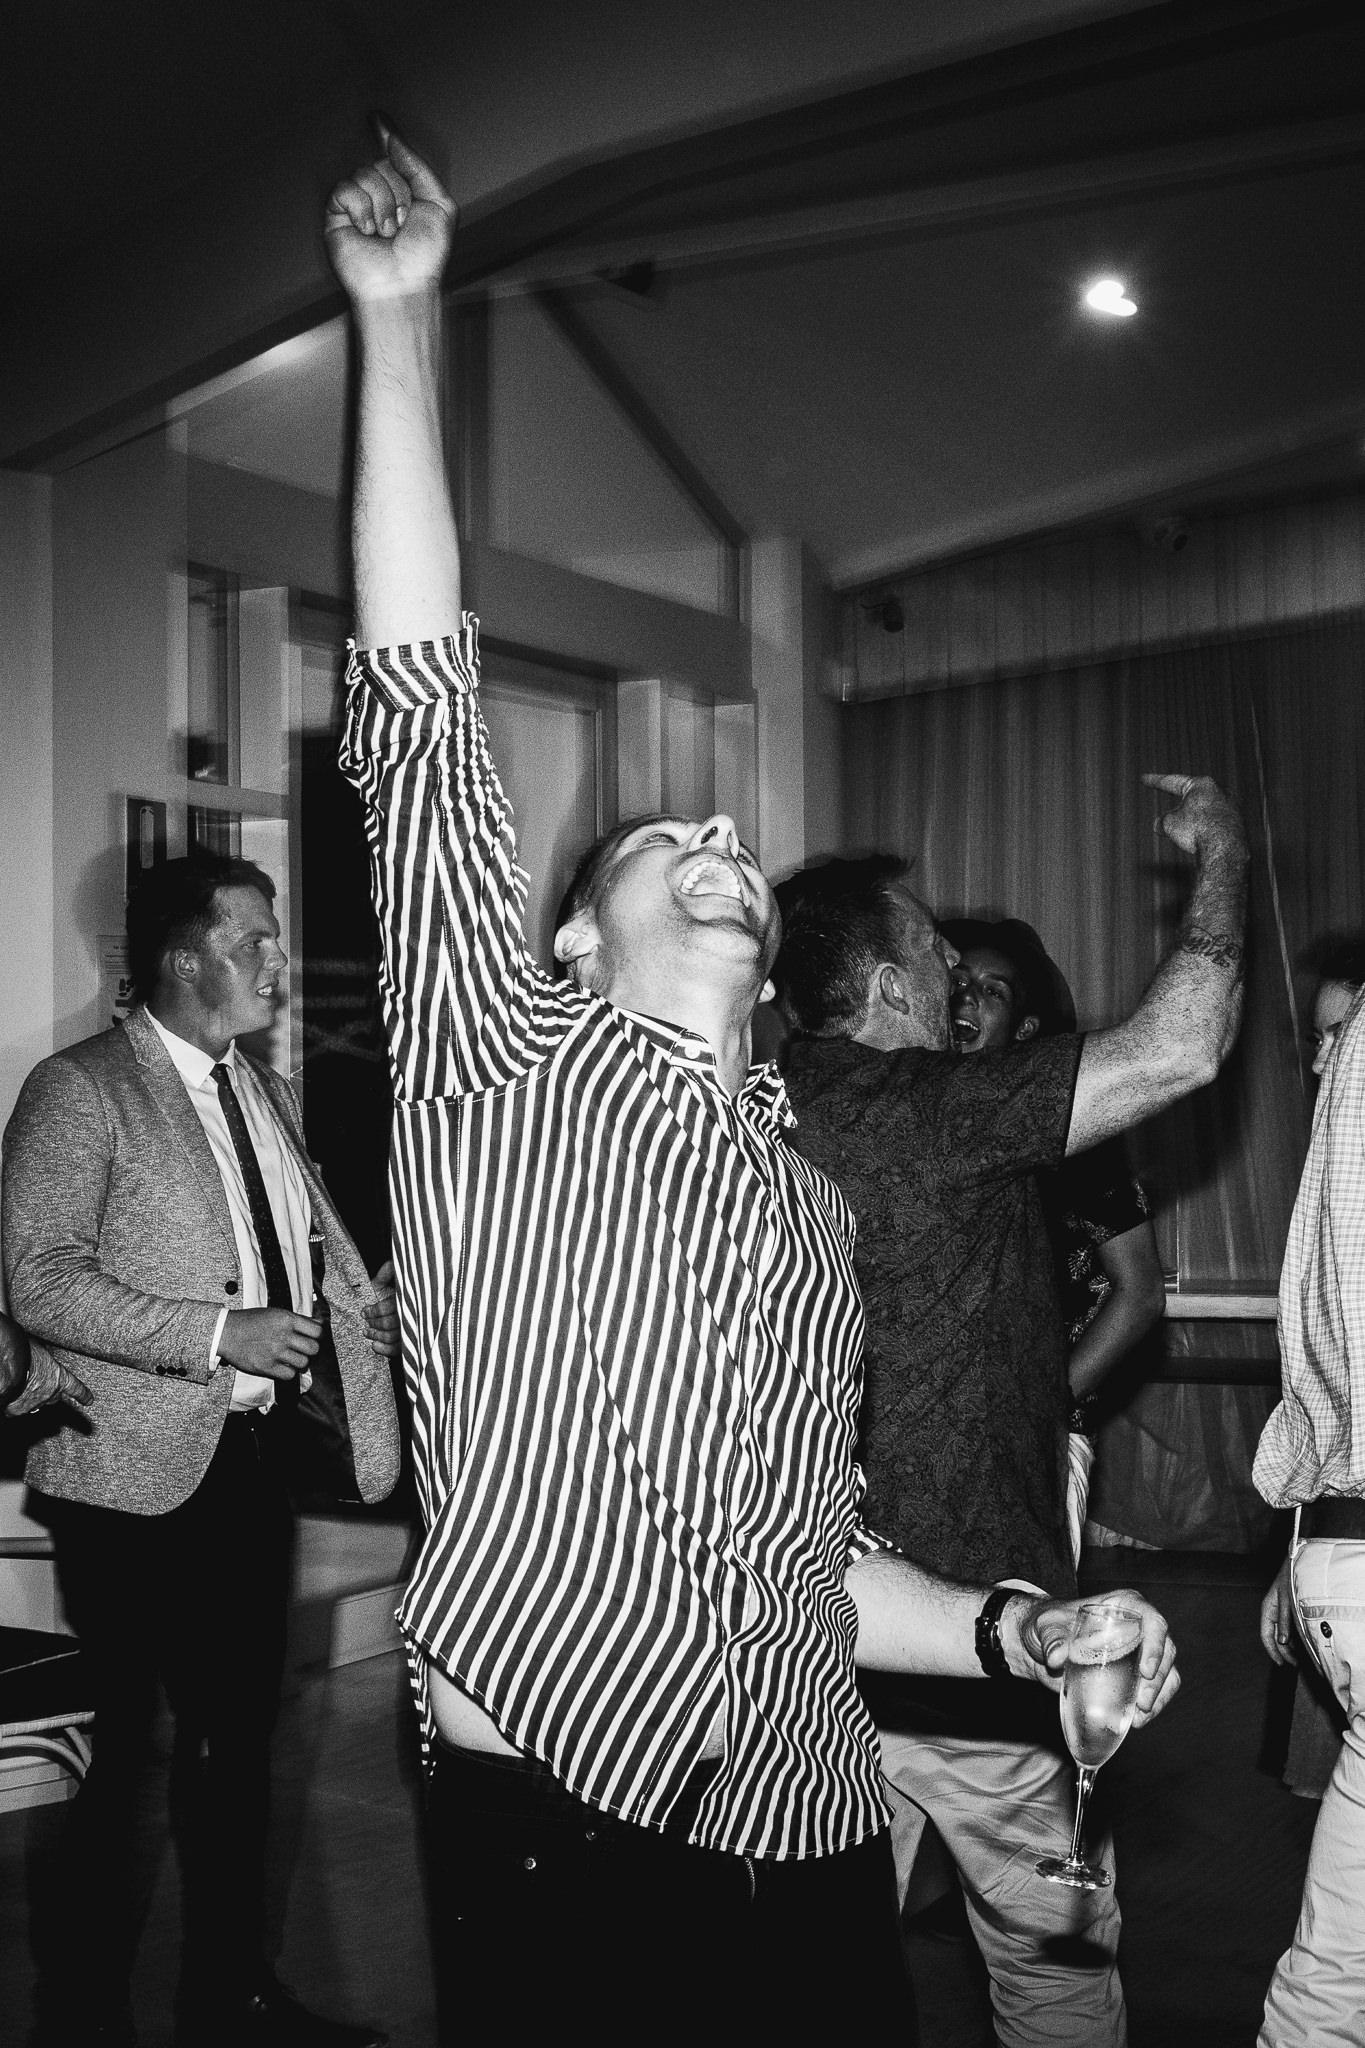 wedding, wedding photography, wedding photography melbourne, candid wedding photography, backyard wedding, throw your own wedding, melbourne wedding photography, melbourne wedding photographer, Mornington peninsula wedding photographer, mornington peninsula wedding, wedding photographer, flint street photography, cape kitchen, the cape kitchen, helicopter wedding, Phillip island, Phillip island wedding, getting married Phillip island, Phillip island photographer, destination wedding photographer, Phillip island wedding photographer, the cape kitchen wedding, sony a73